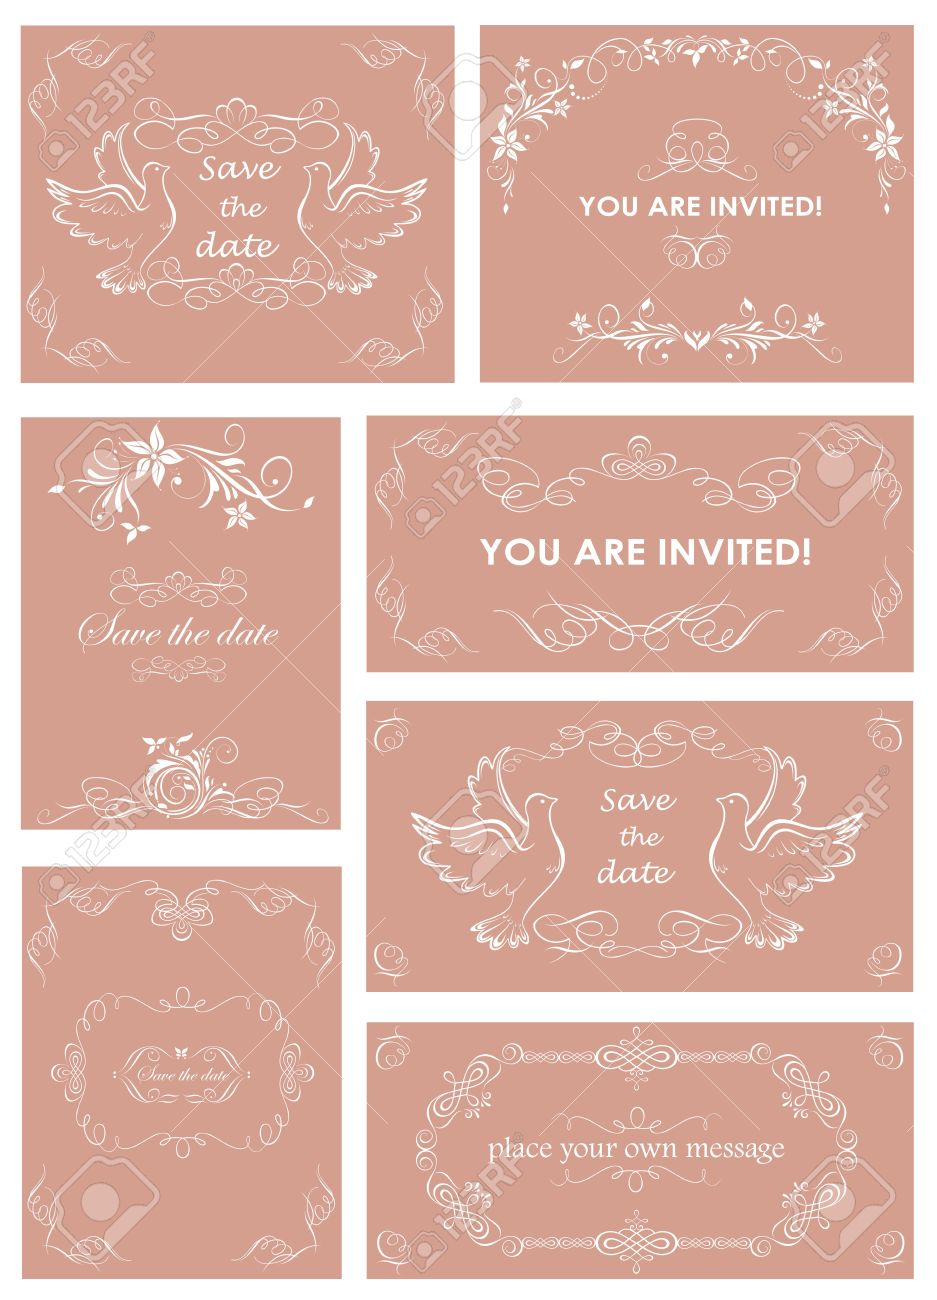 plantillas invitaciones de boda